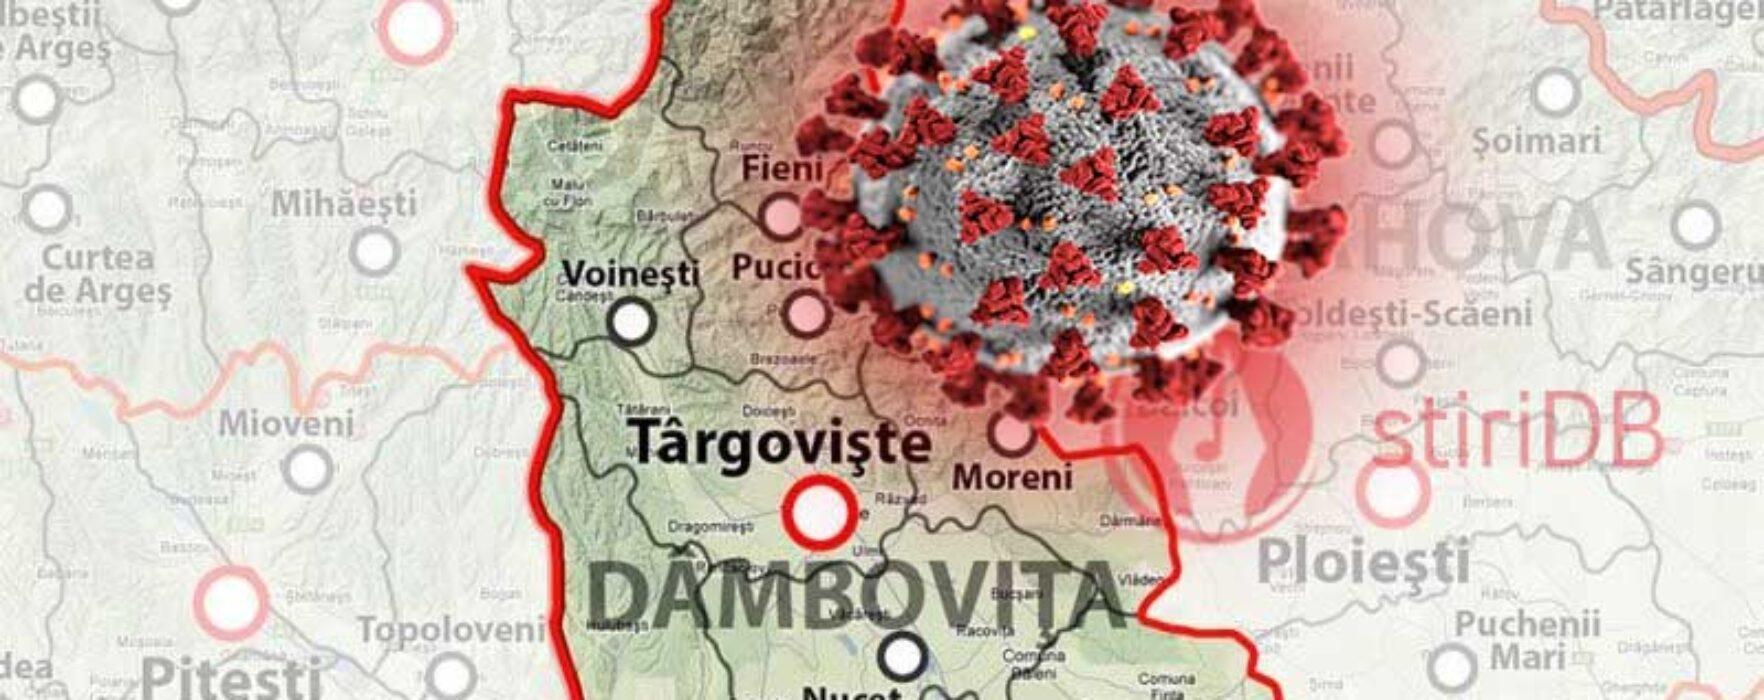 Dâmboviţa: Record de noi cazuri de coronavirus în ultimele 24 de ore: 131 (27 iulie)